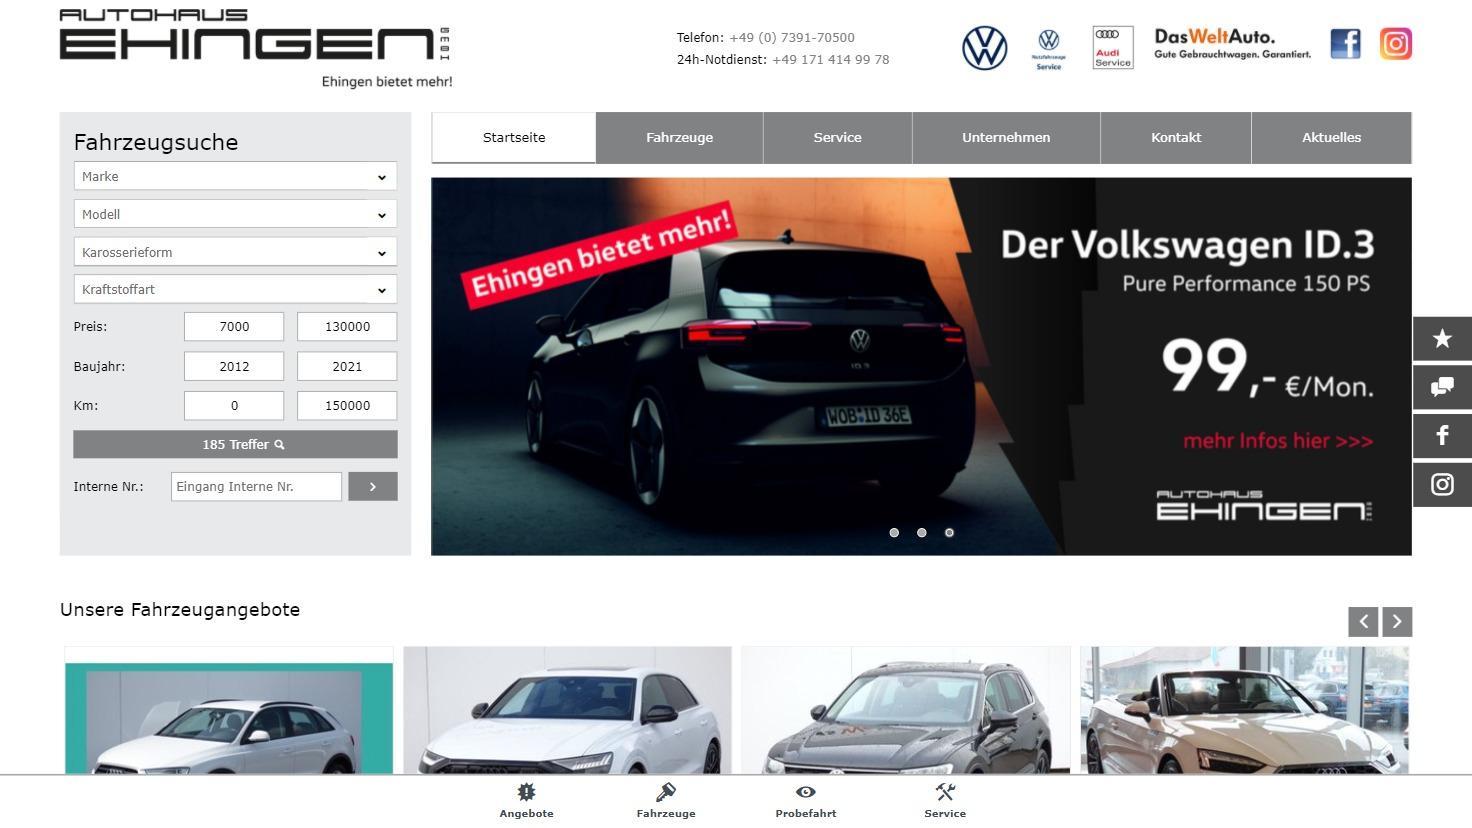 Automarkt Ehingen - Vertragspartner von Volkswagen, Skoda, Audi in Ehingen